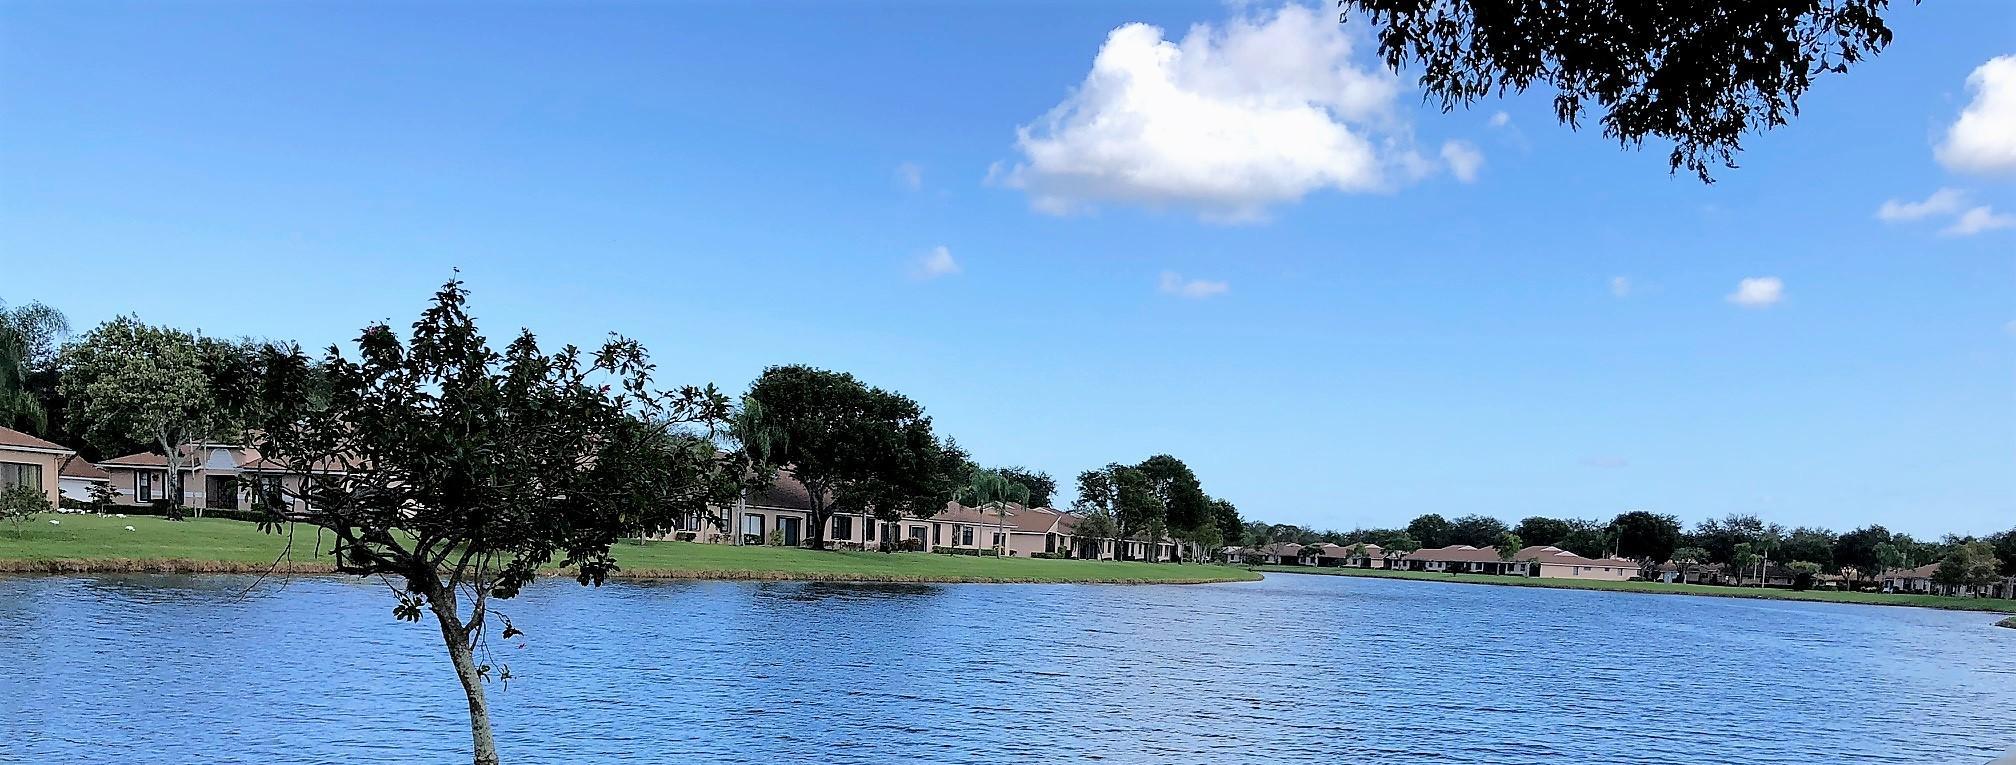 8394 Springlake Drive  Boca Raton FL 33496